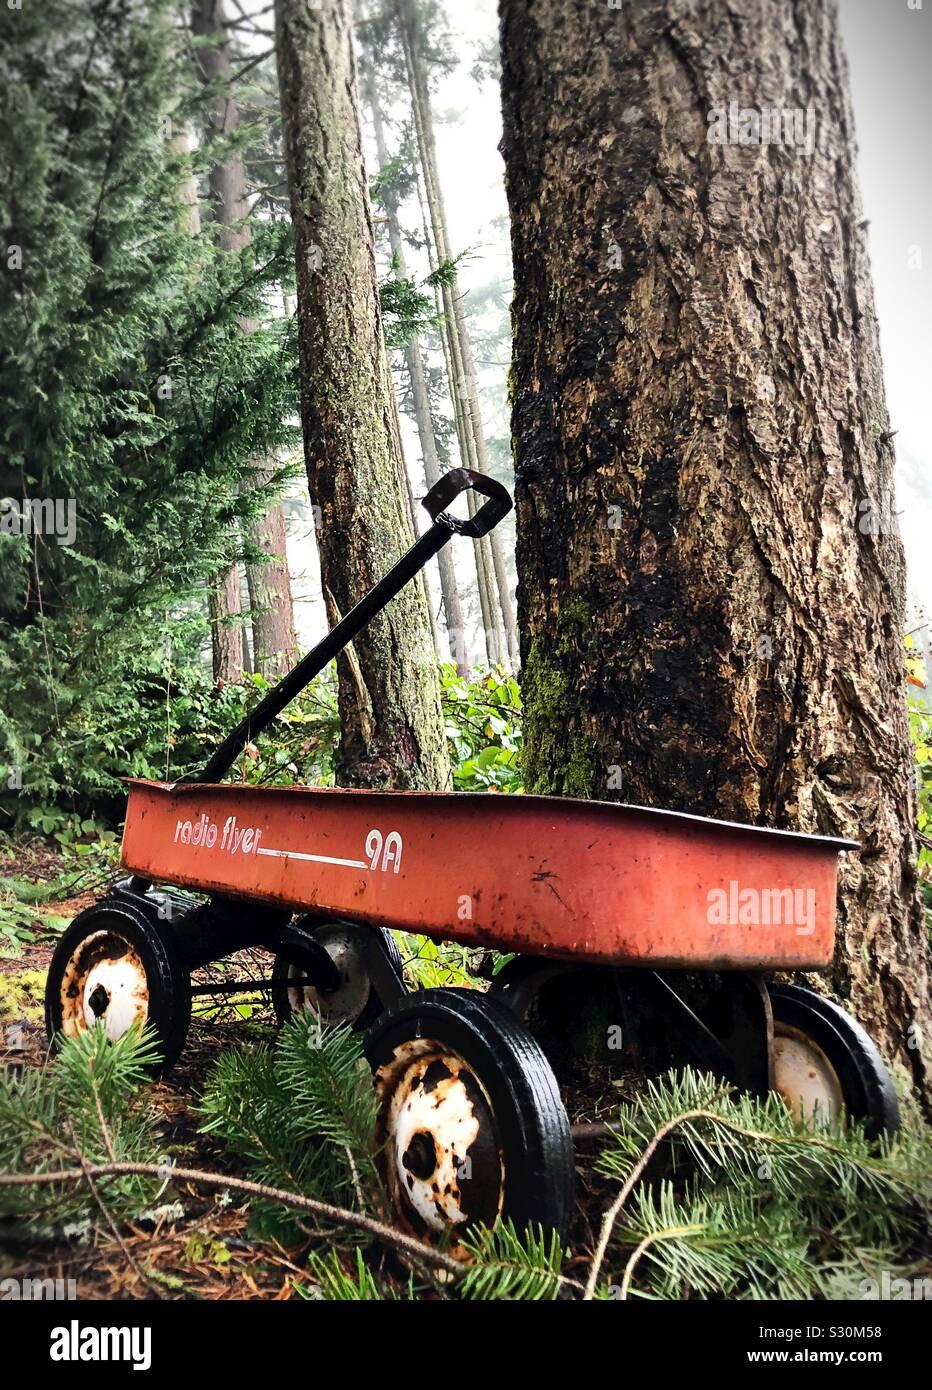 Un viejo vagón de radio flyer contra un árbol en un bosque. Foto de stock